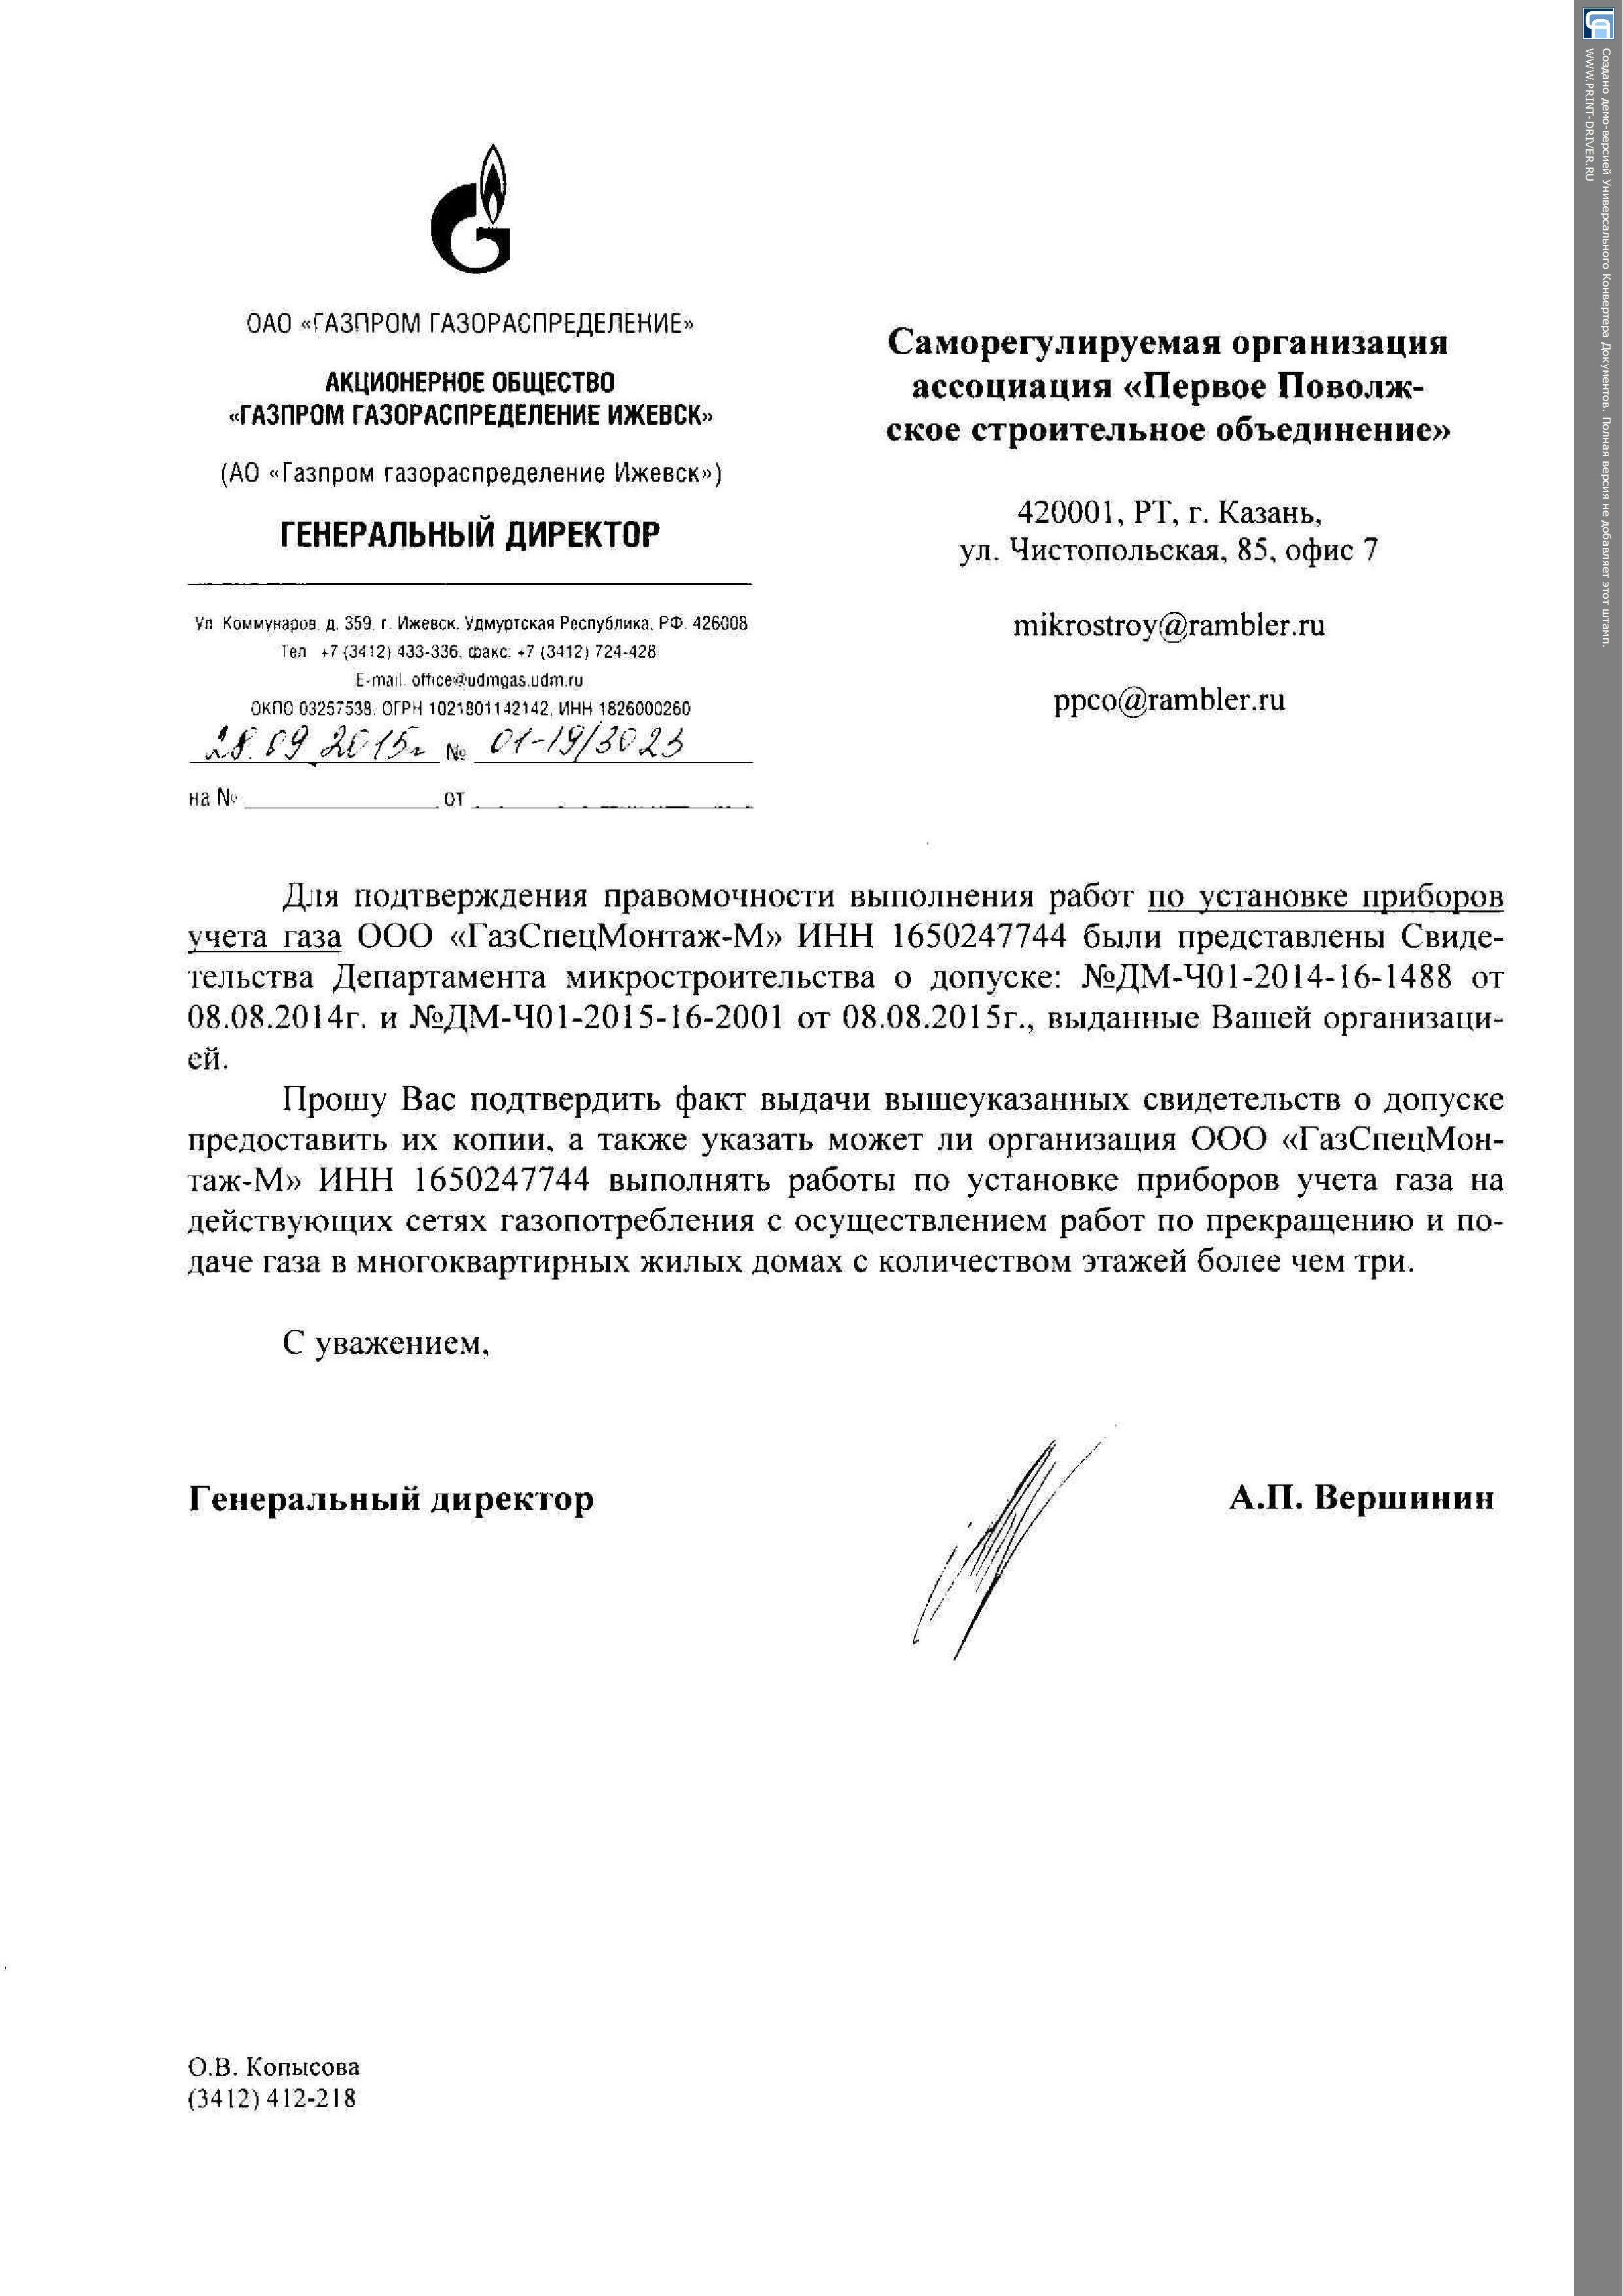 zapros Gazprom